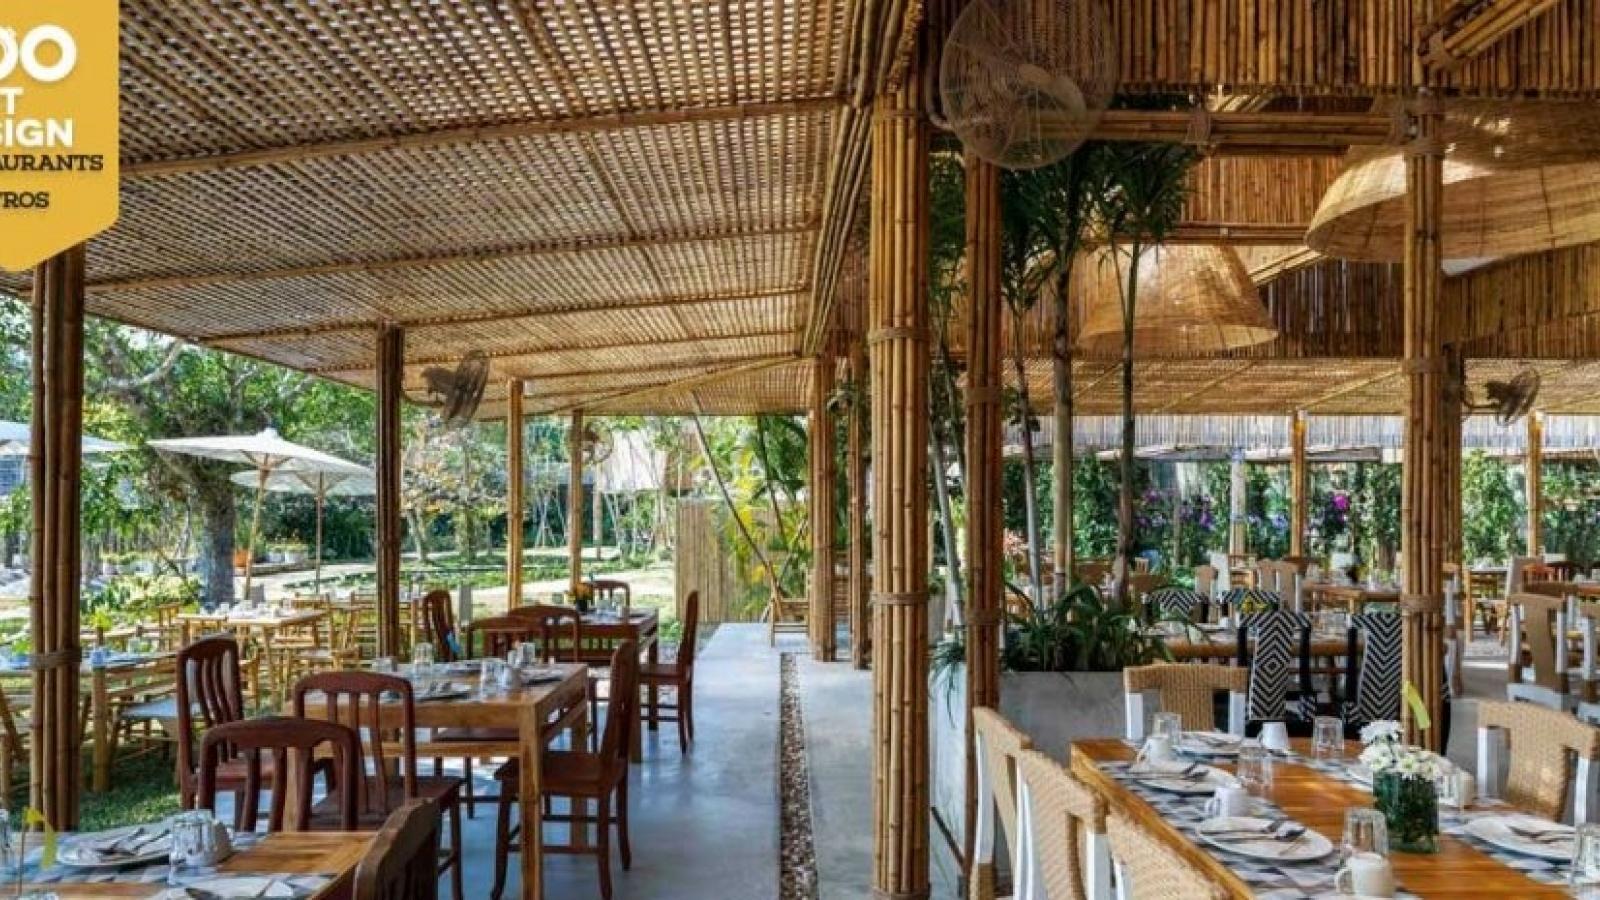 Ngắm nhà hàng trúc đặc biệt ở Thái Lan